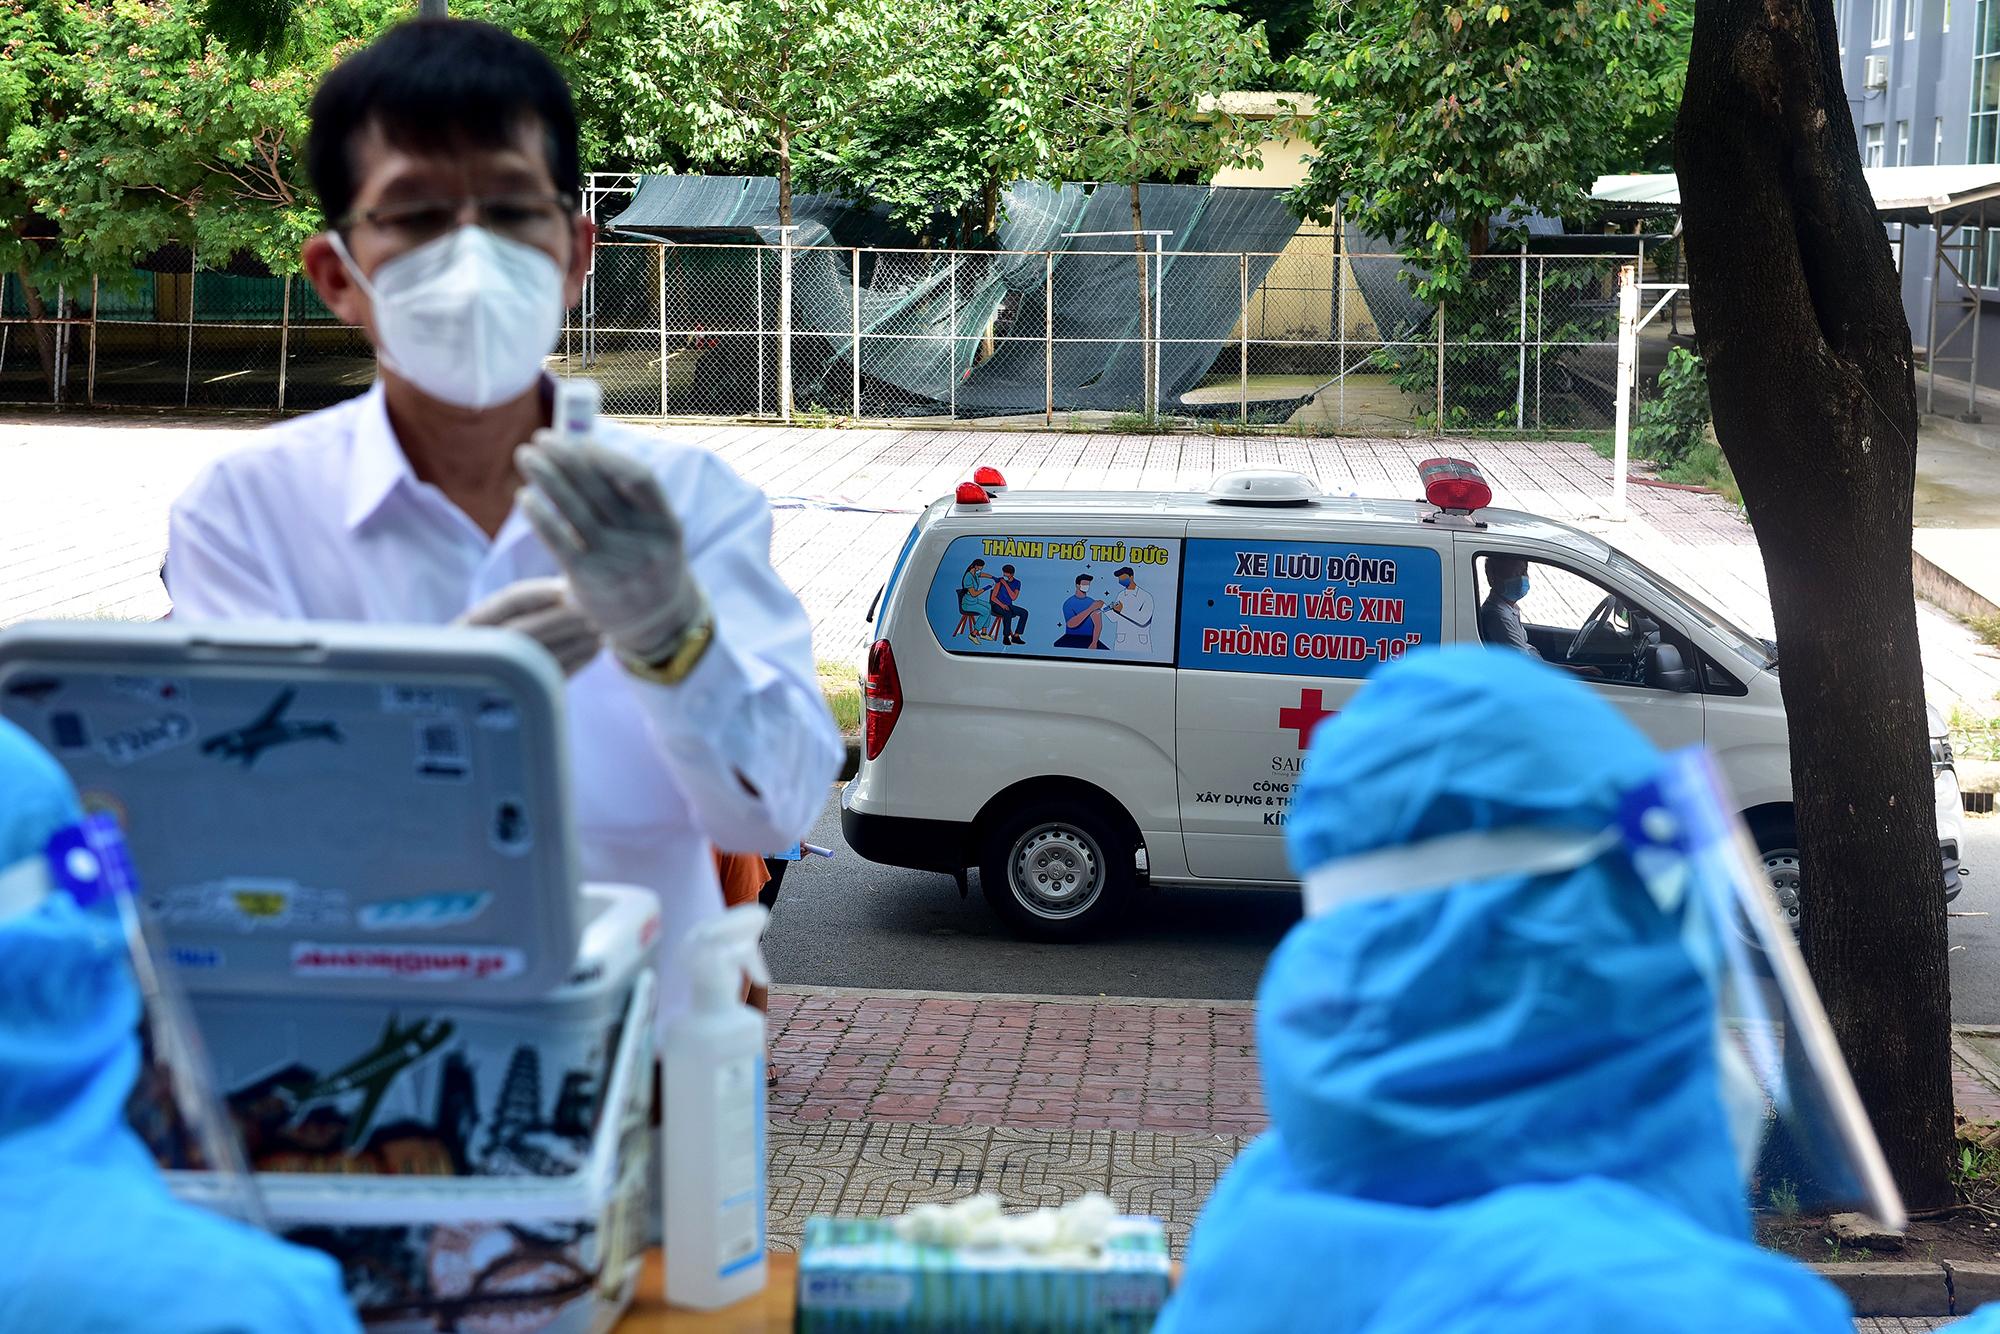 Ảnh: Ngày đầu làm việc của đội tiêm vắc xin phòng COVID-19 lưu động đến tận điểm cách ly, khu dân cư ở TP.HCM - 5